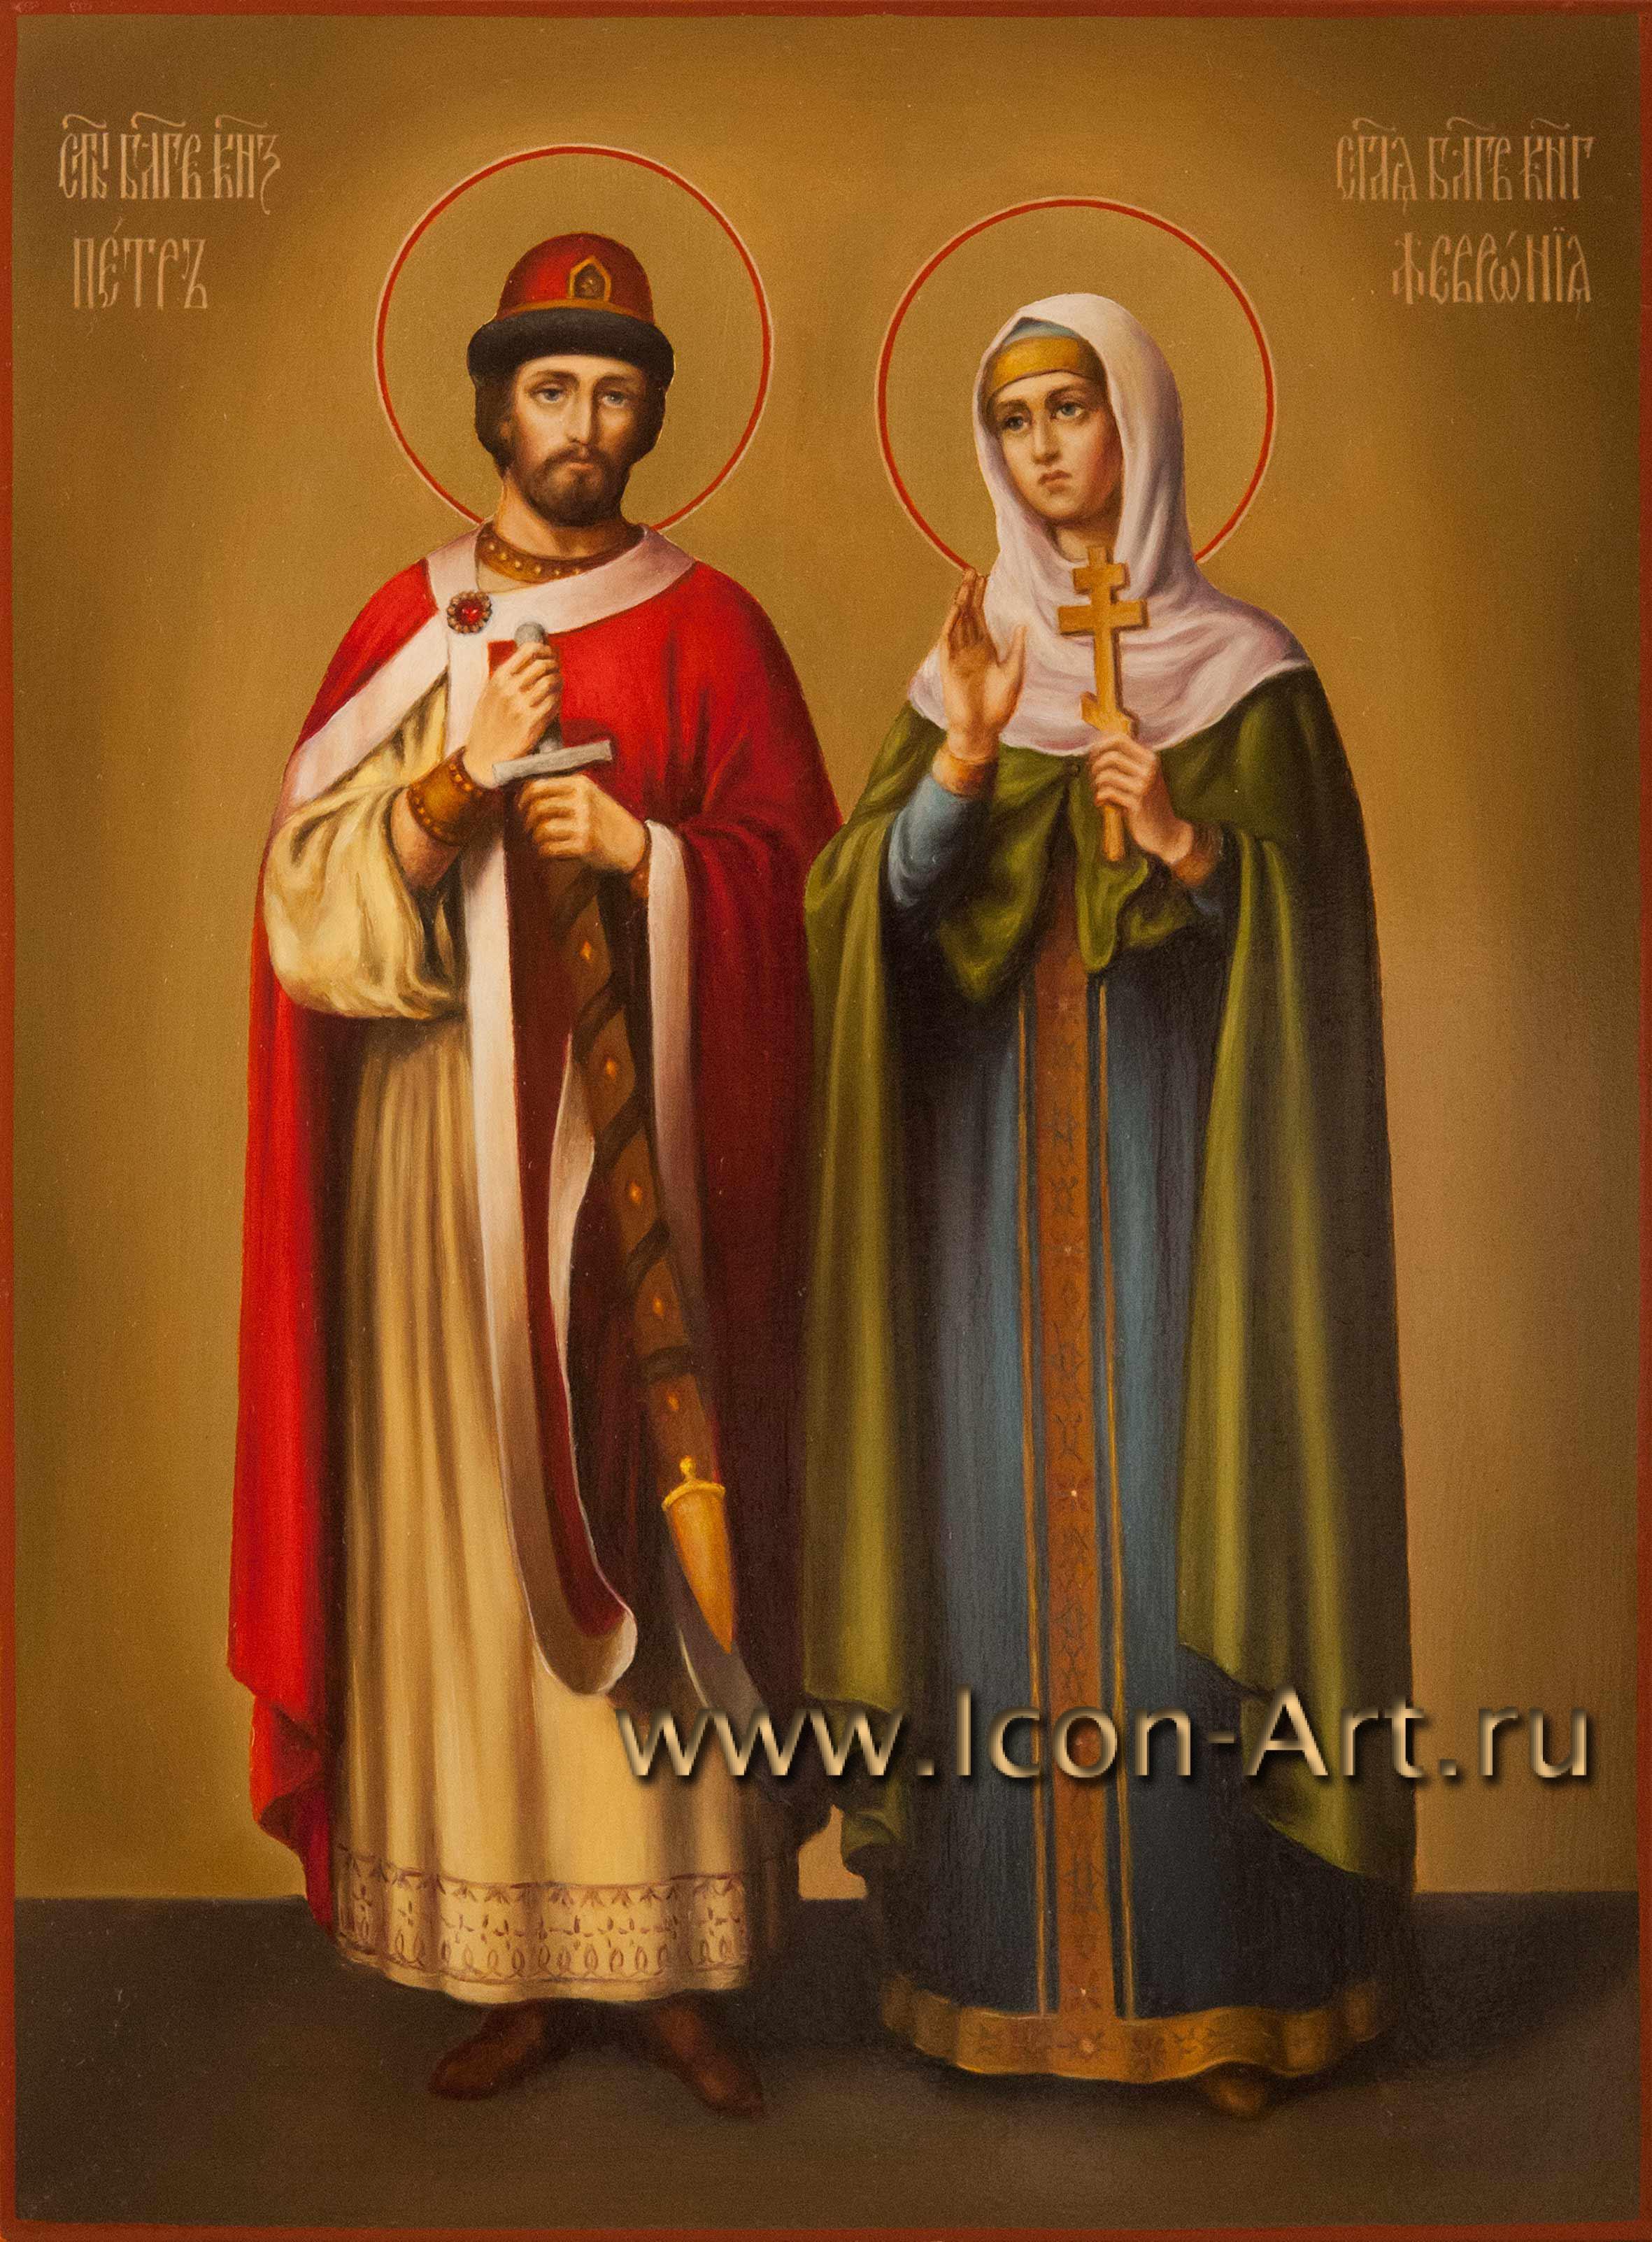 Поздравления с православным праздником петра и февронии